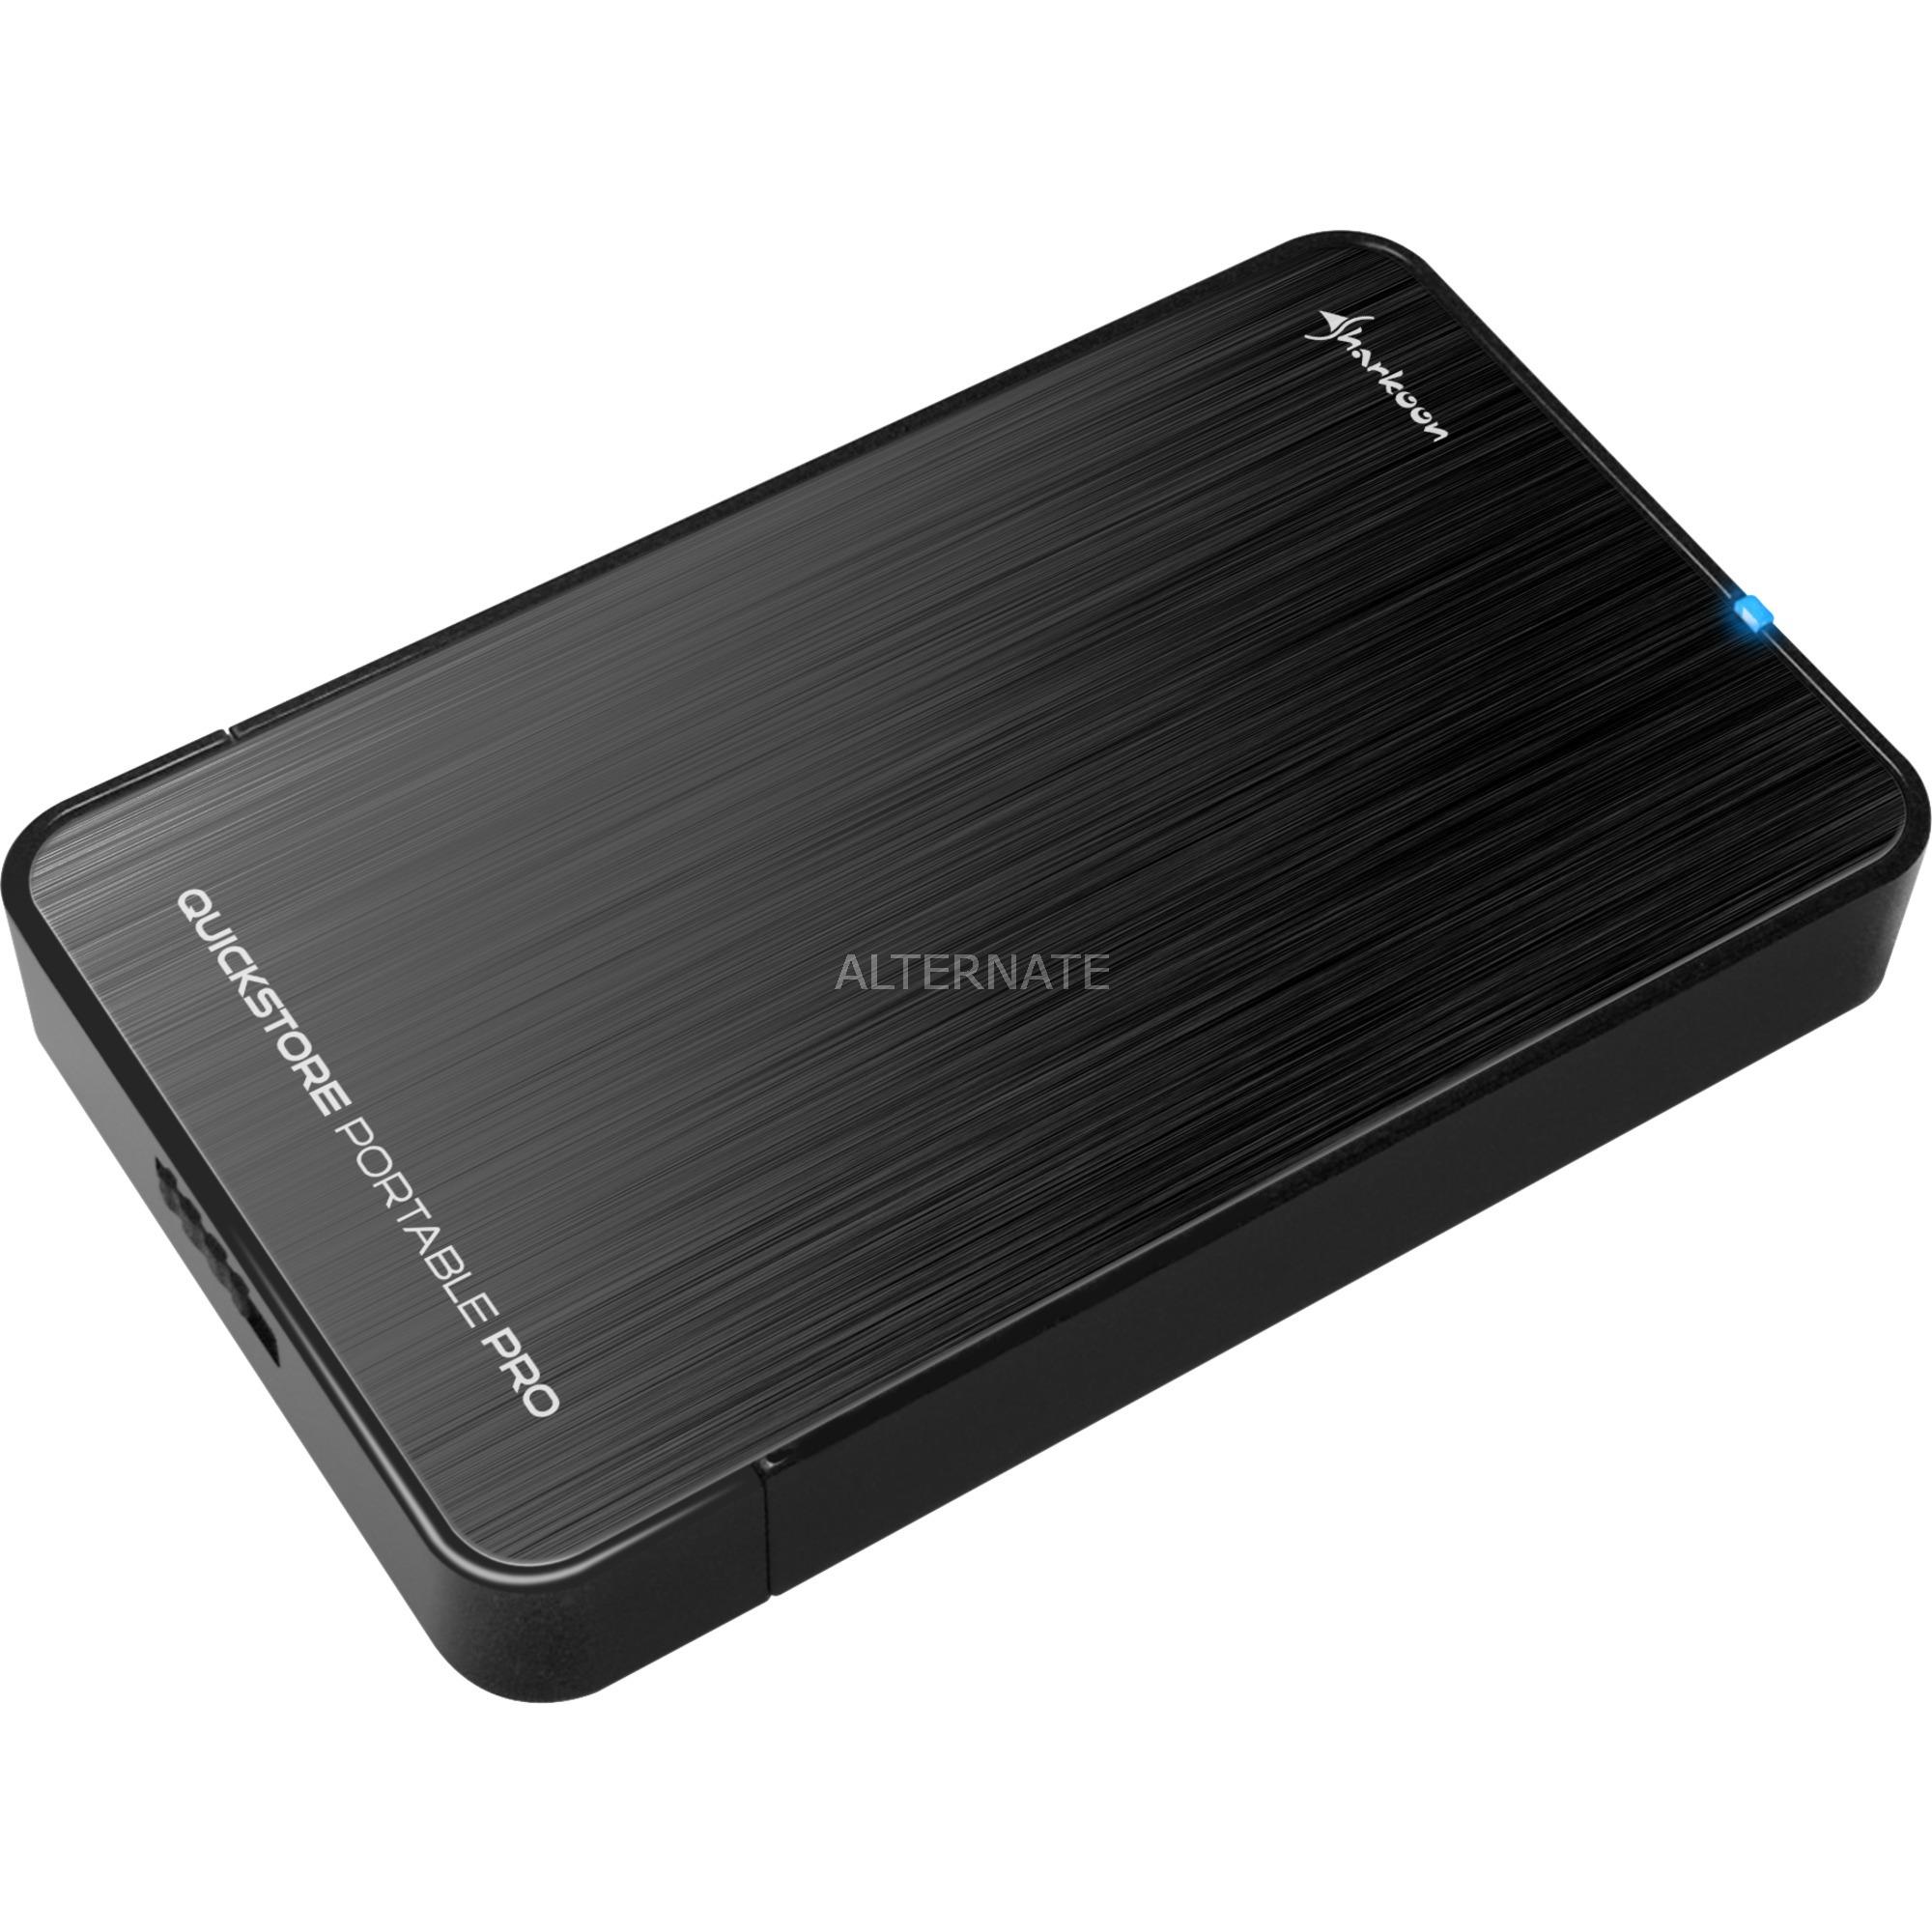 QuickStore Portable Pro USB3.0 2.5